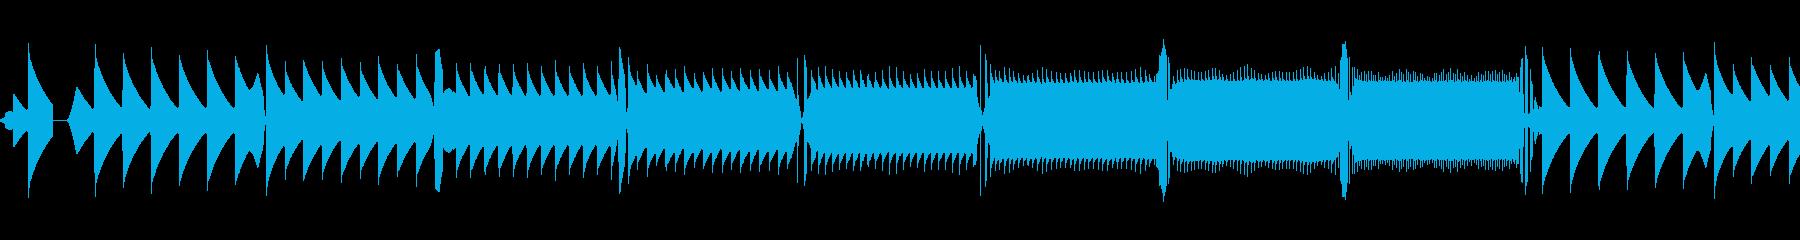 レトロゲーム風レベルアップワンショットの再生済みの波形